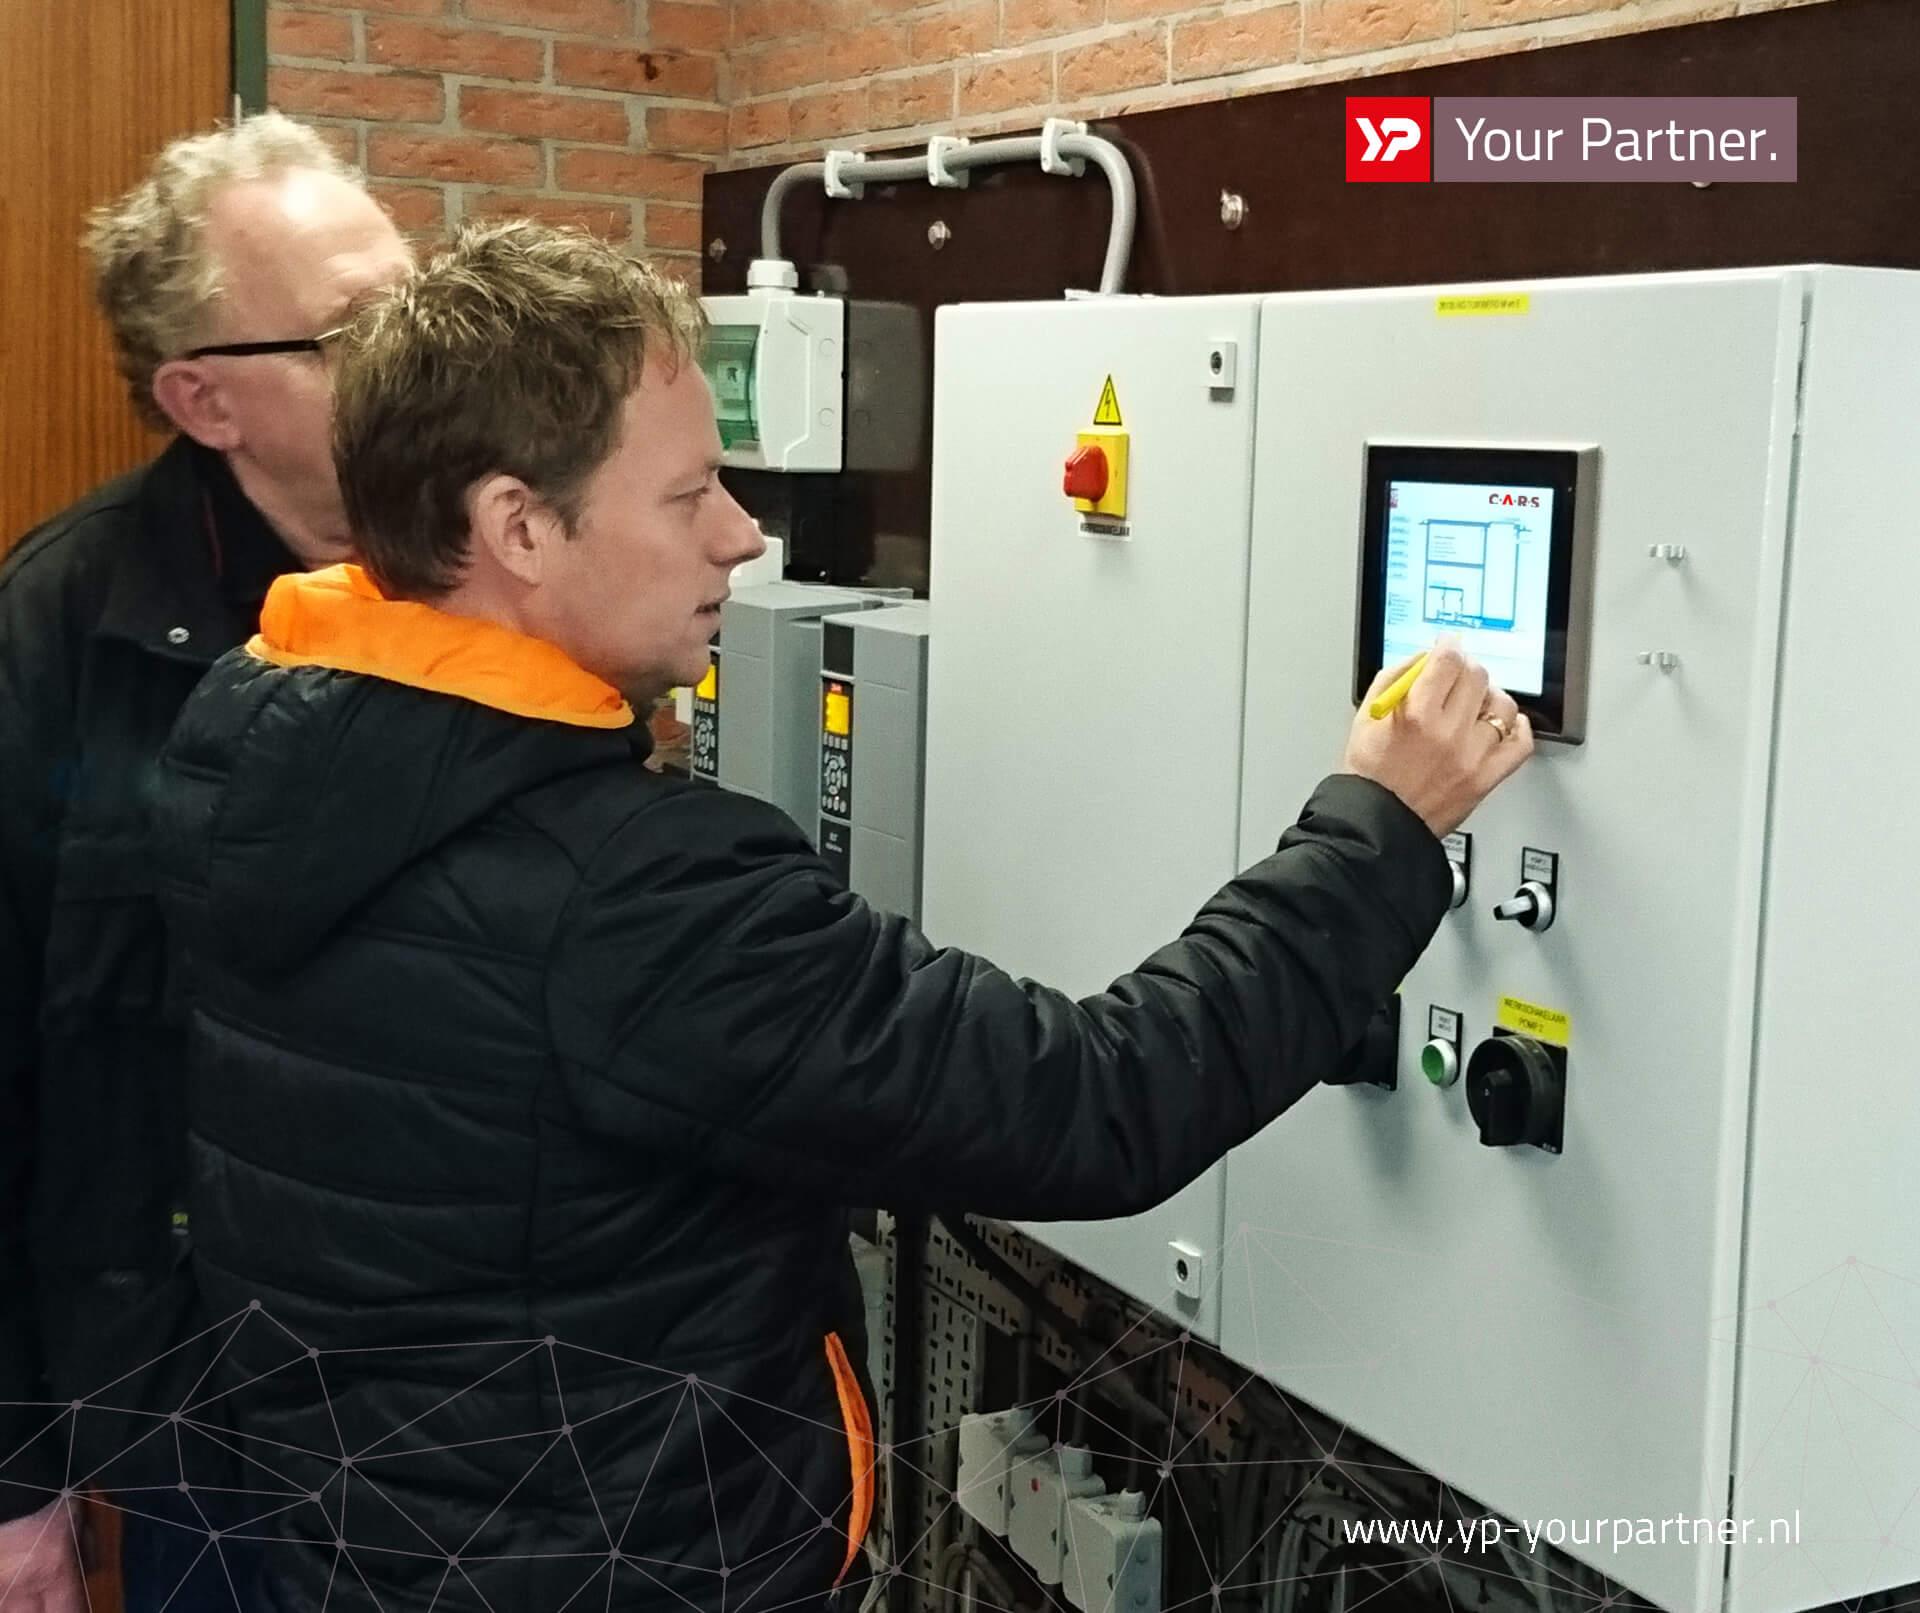 59 procent energiebesparing voor gemeente Delfzijl